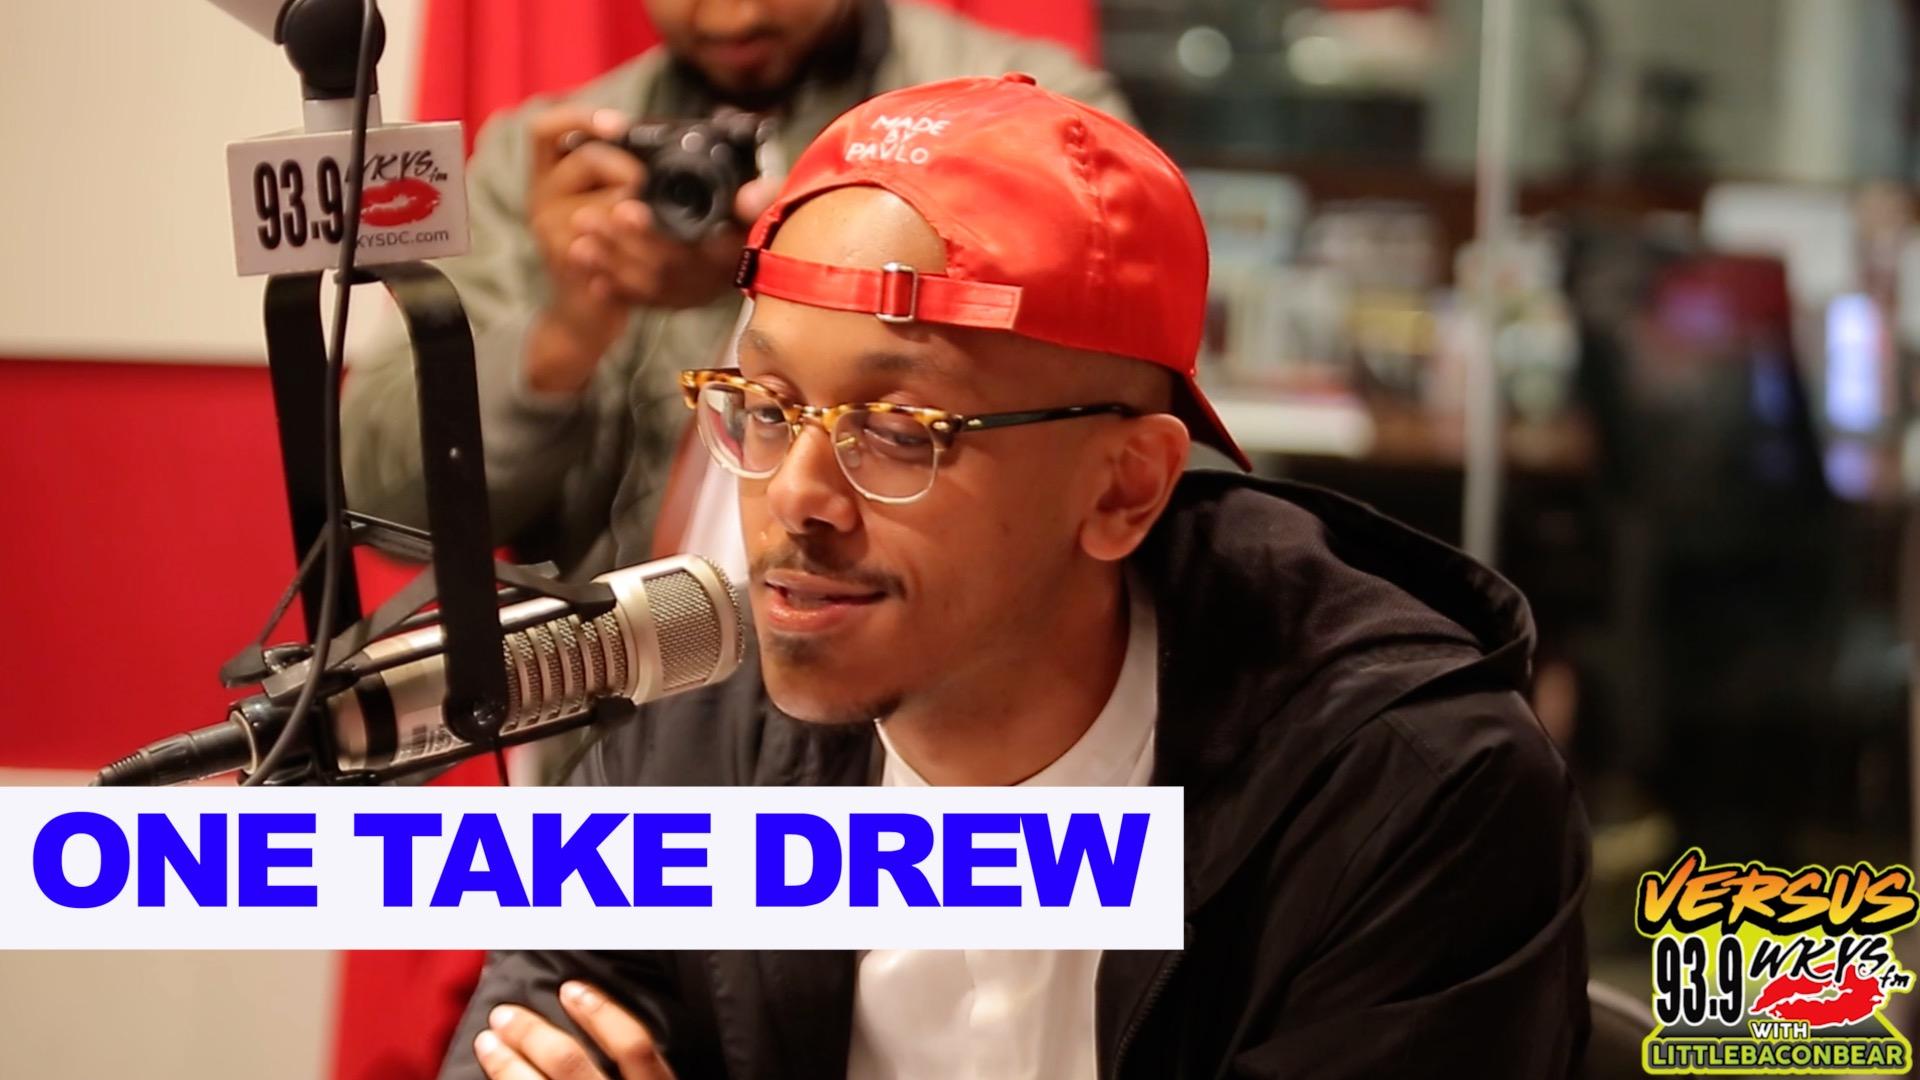 One Take Drew